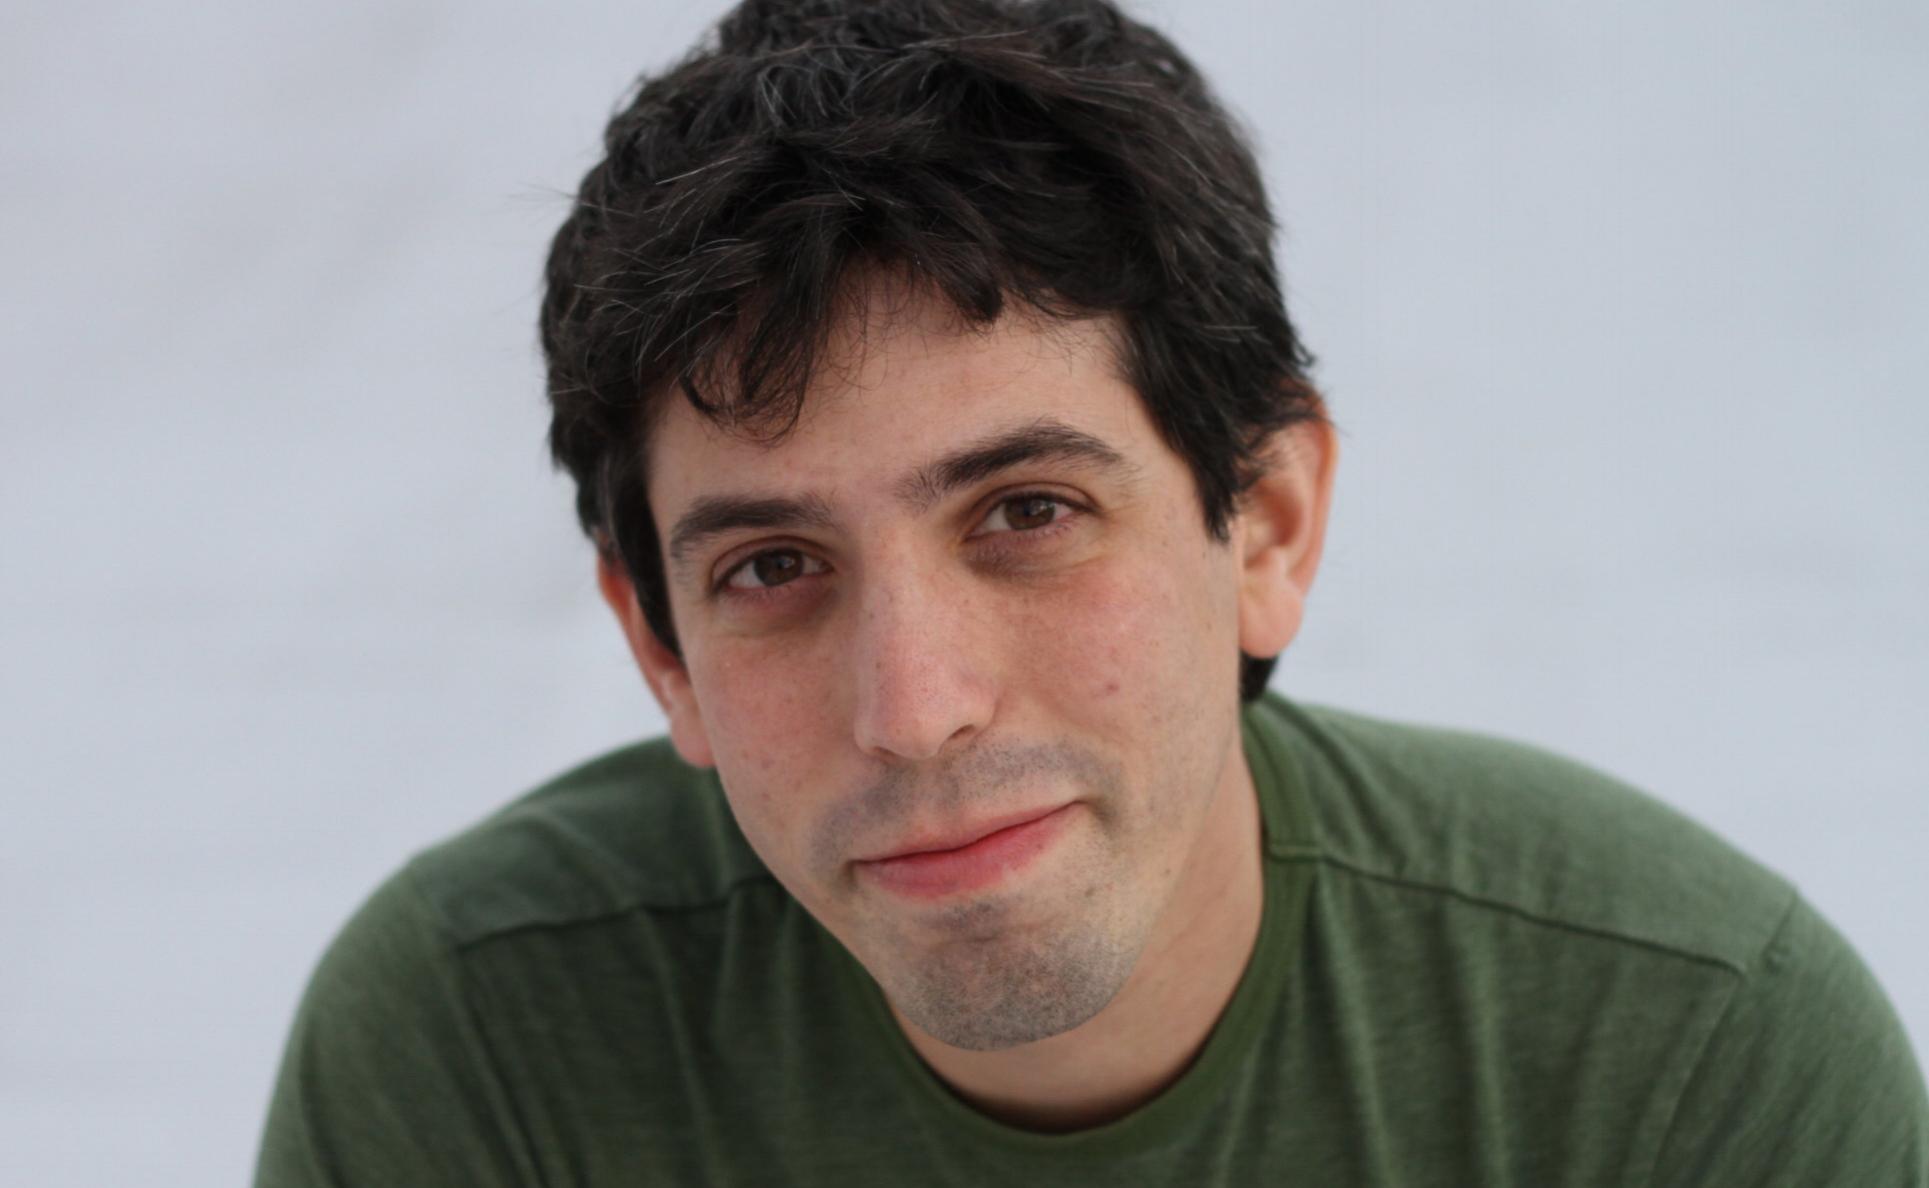 Matthew Kreiner